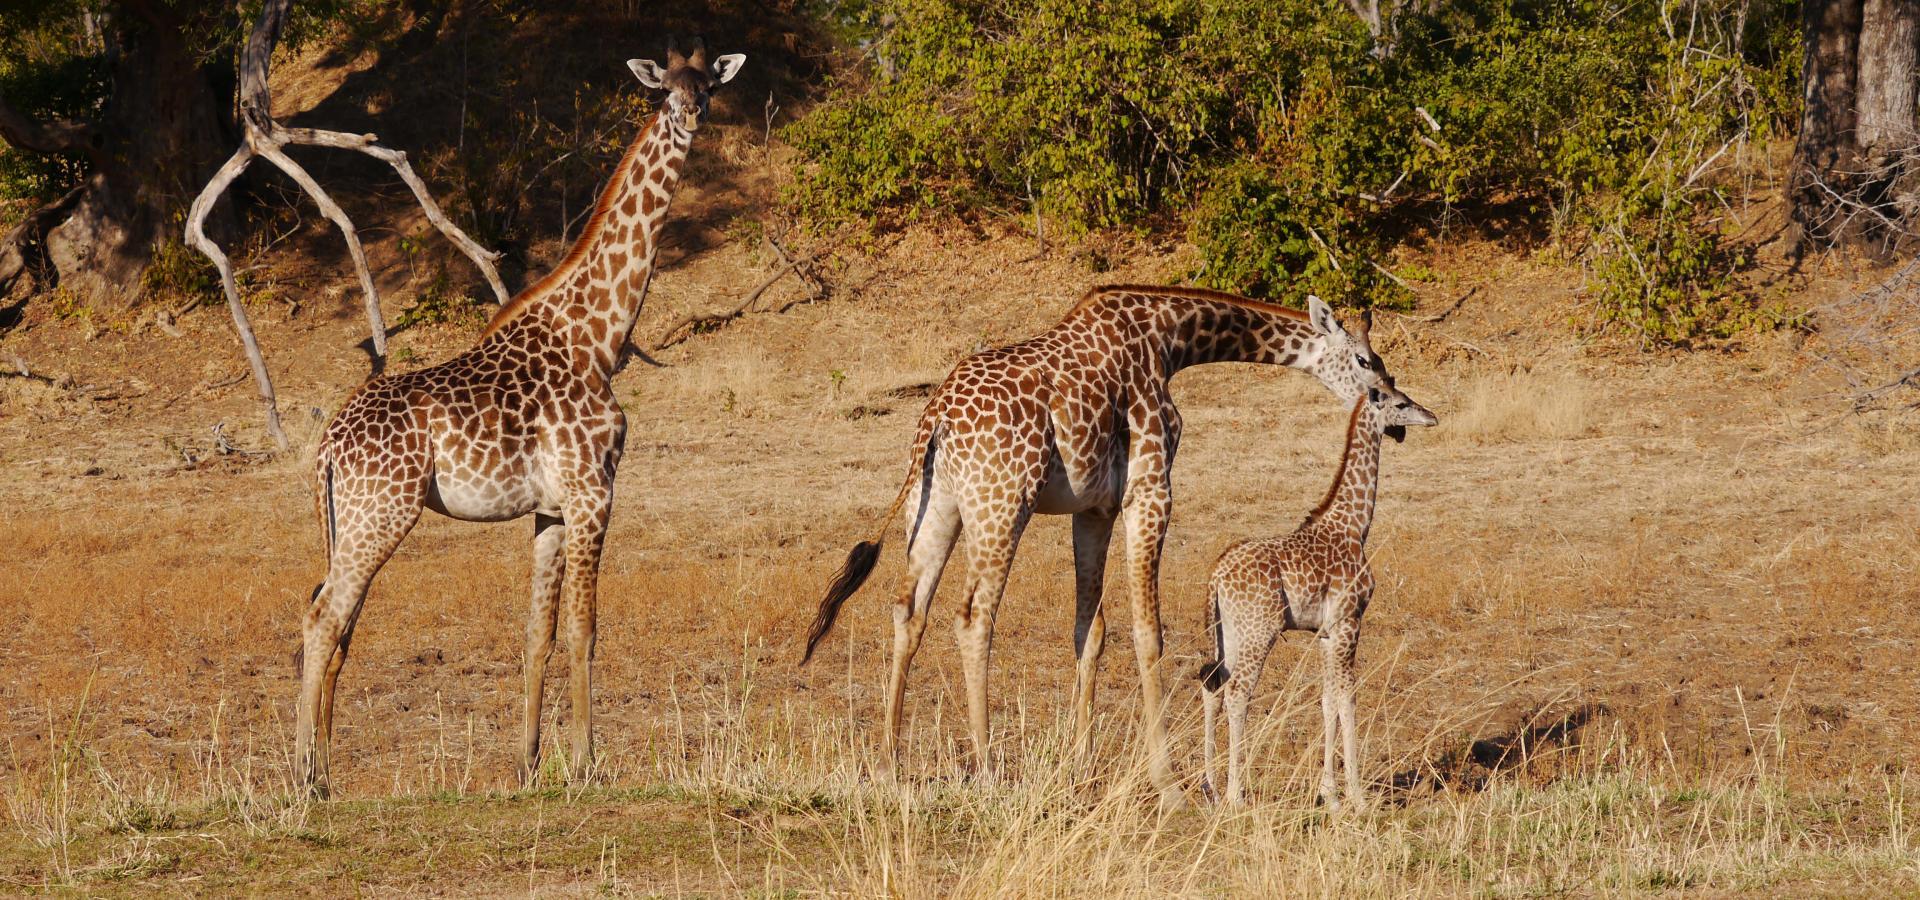 Erleben Sie Pirschaktivitäten der besonderen Art im tierreichen South Luangwa National Park in Zambia